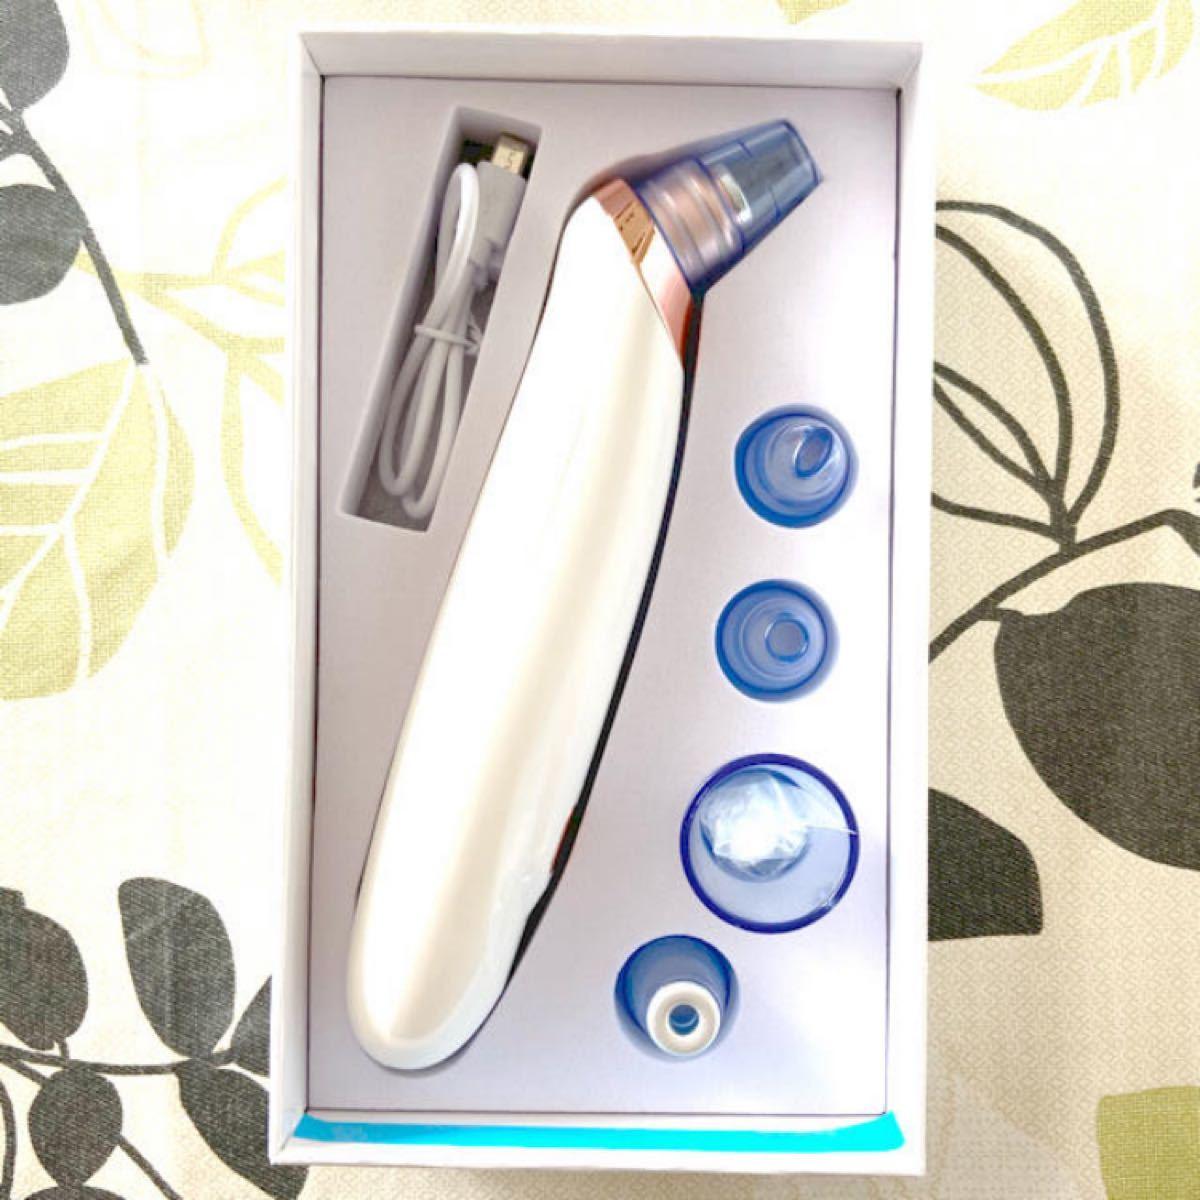 新品 毛穴吸引器 美顔器  毛穴汚れ吸引フェイスケア USB充電式